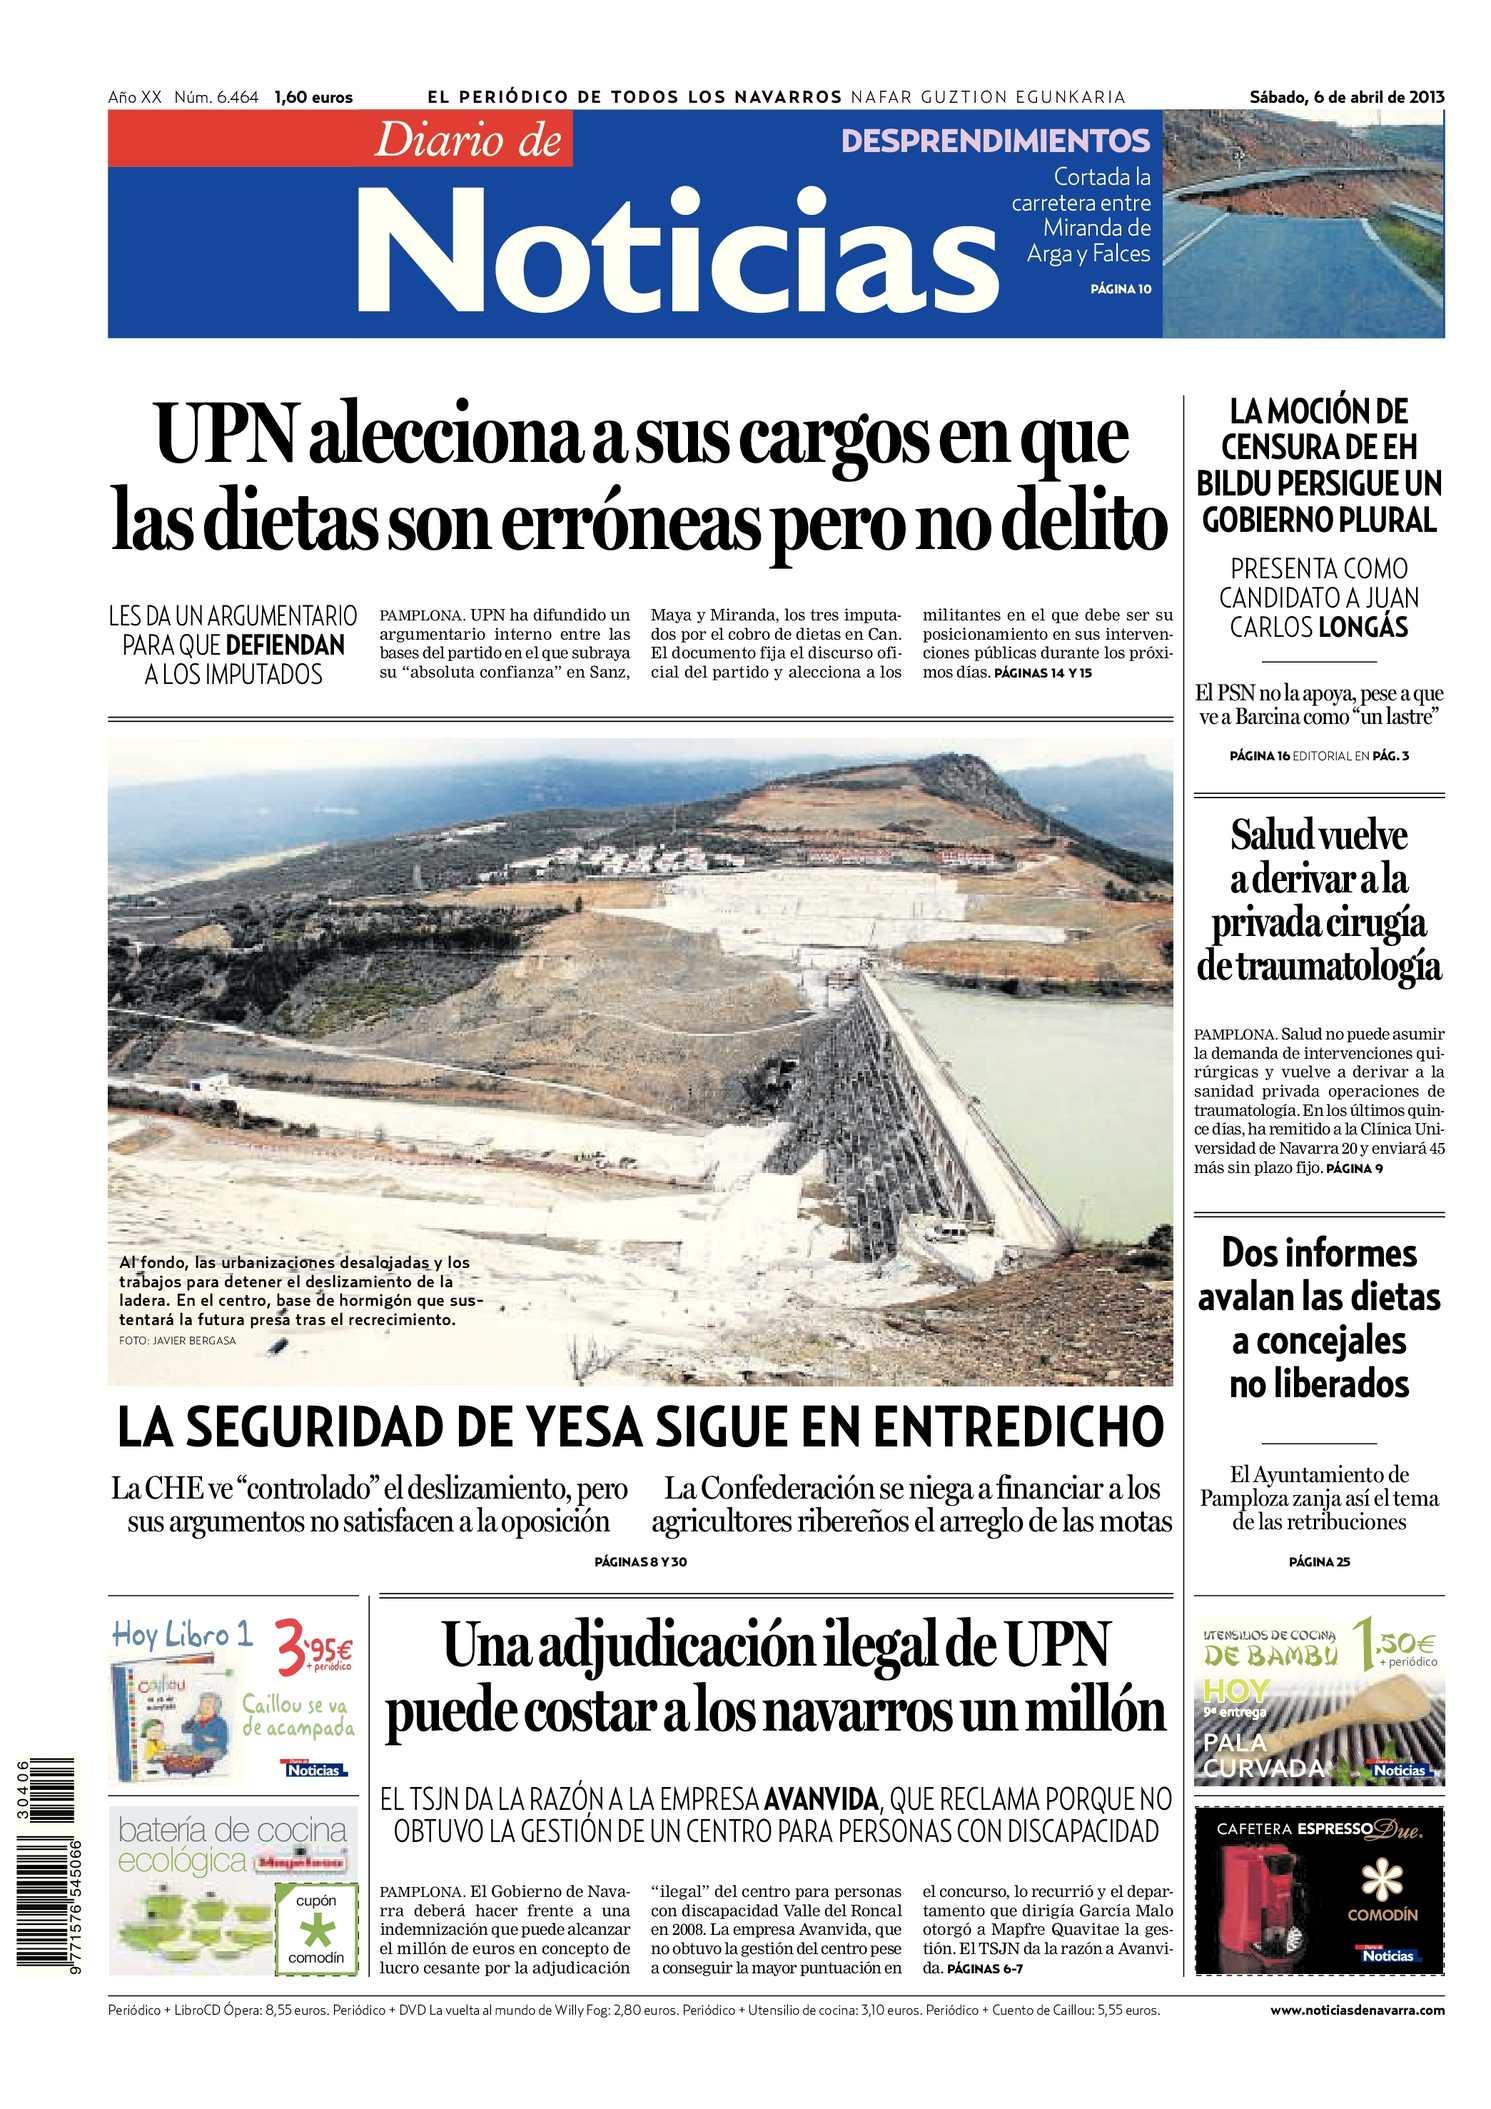 Calaméo - Diario de Noticias 20130406